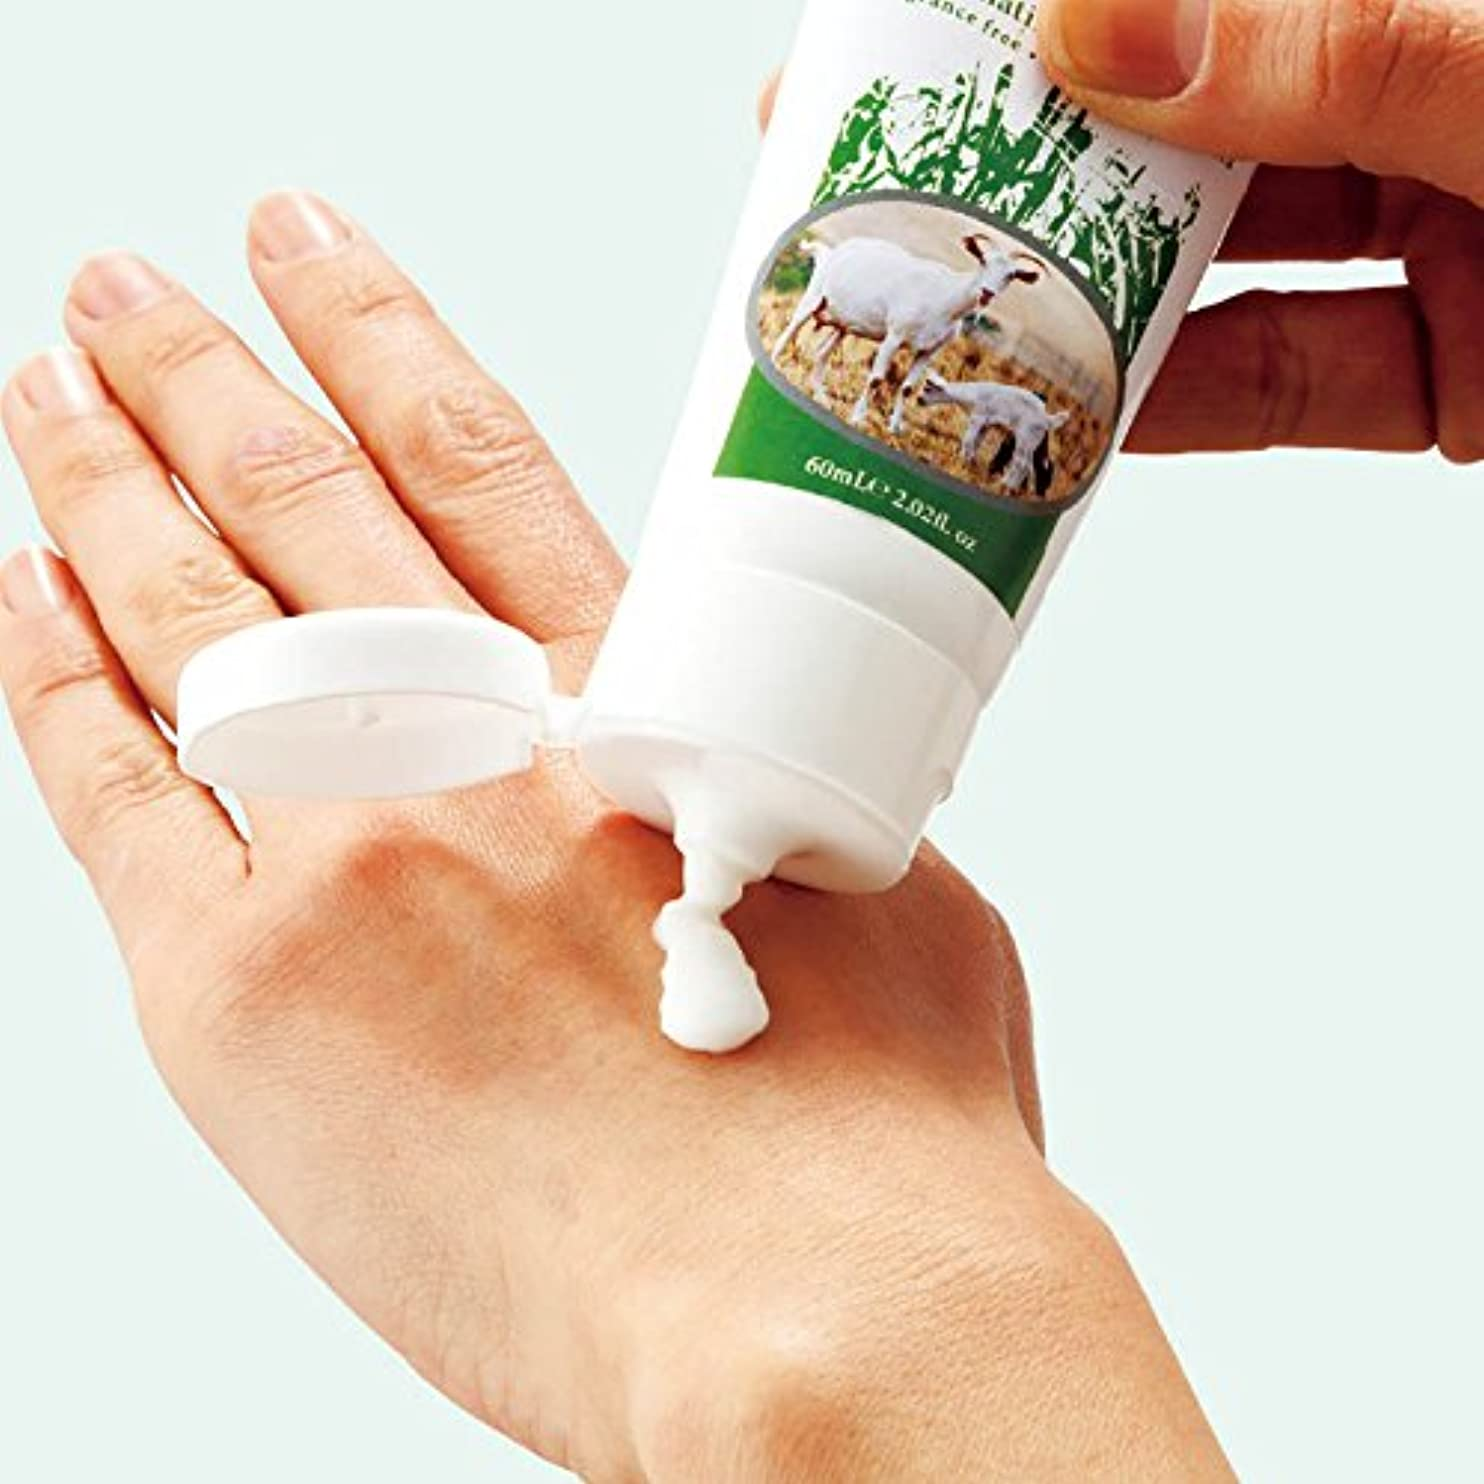 心のこもったしなやか原油オーストラリア 土産 ティリー ゴートミルク ハンドクリーム 3本セット (海外旅行 オーストラリア お土産)